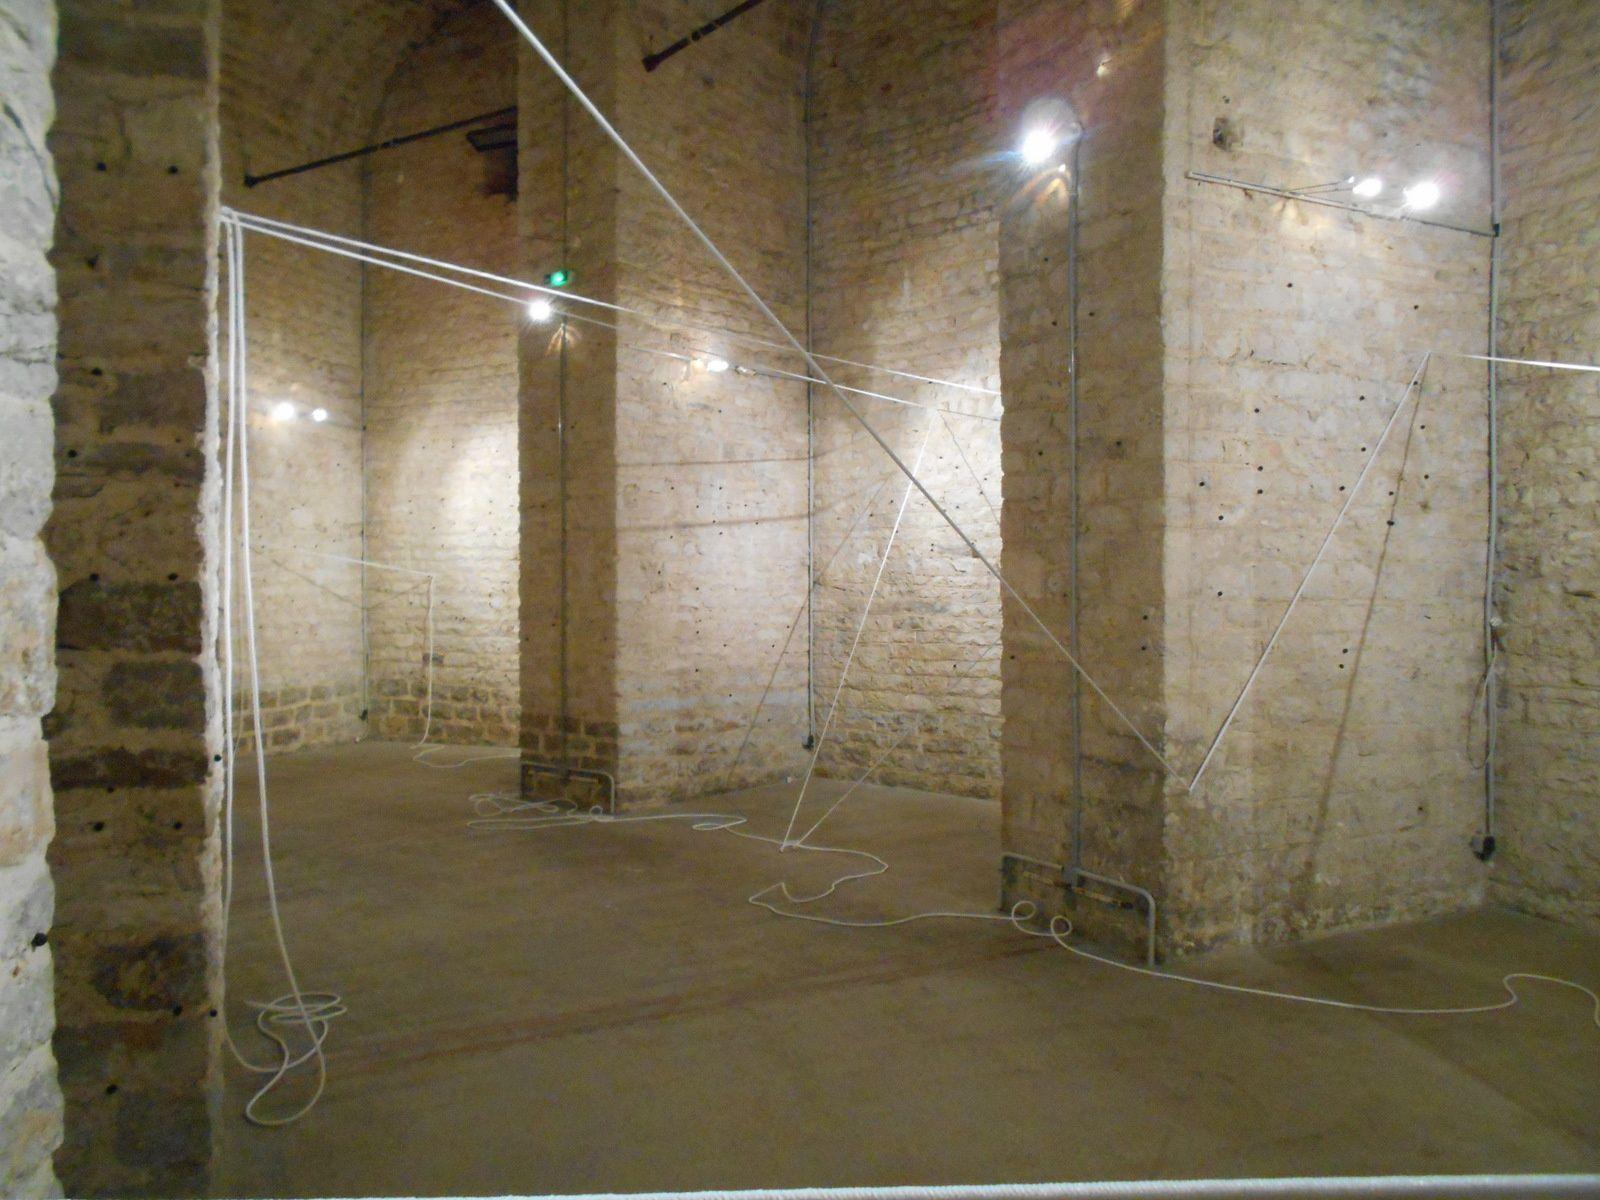 Tracés et trajets, une installation in situ de Robert Christien : un geste minimal qui révèle l'architecture